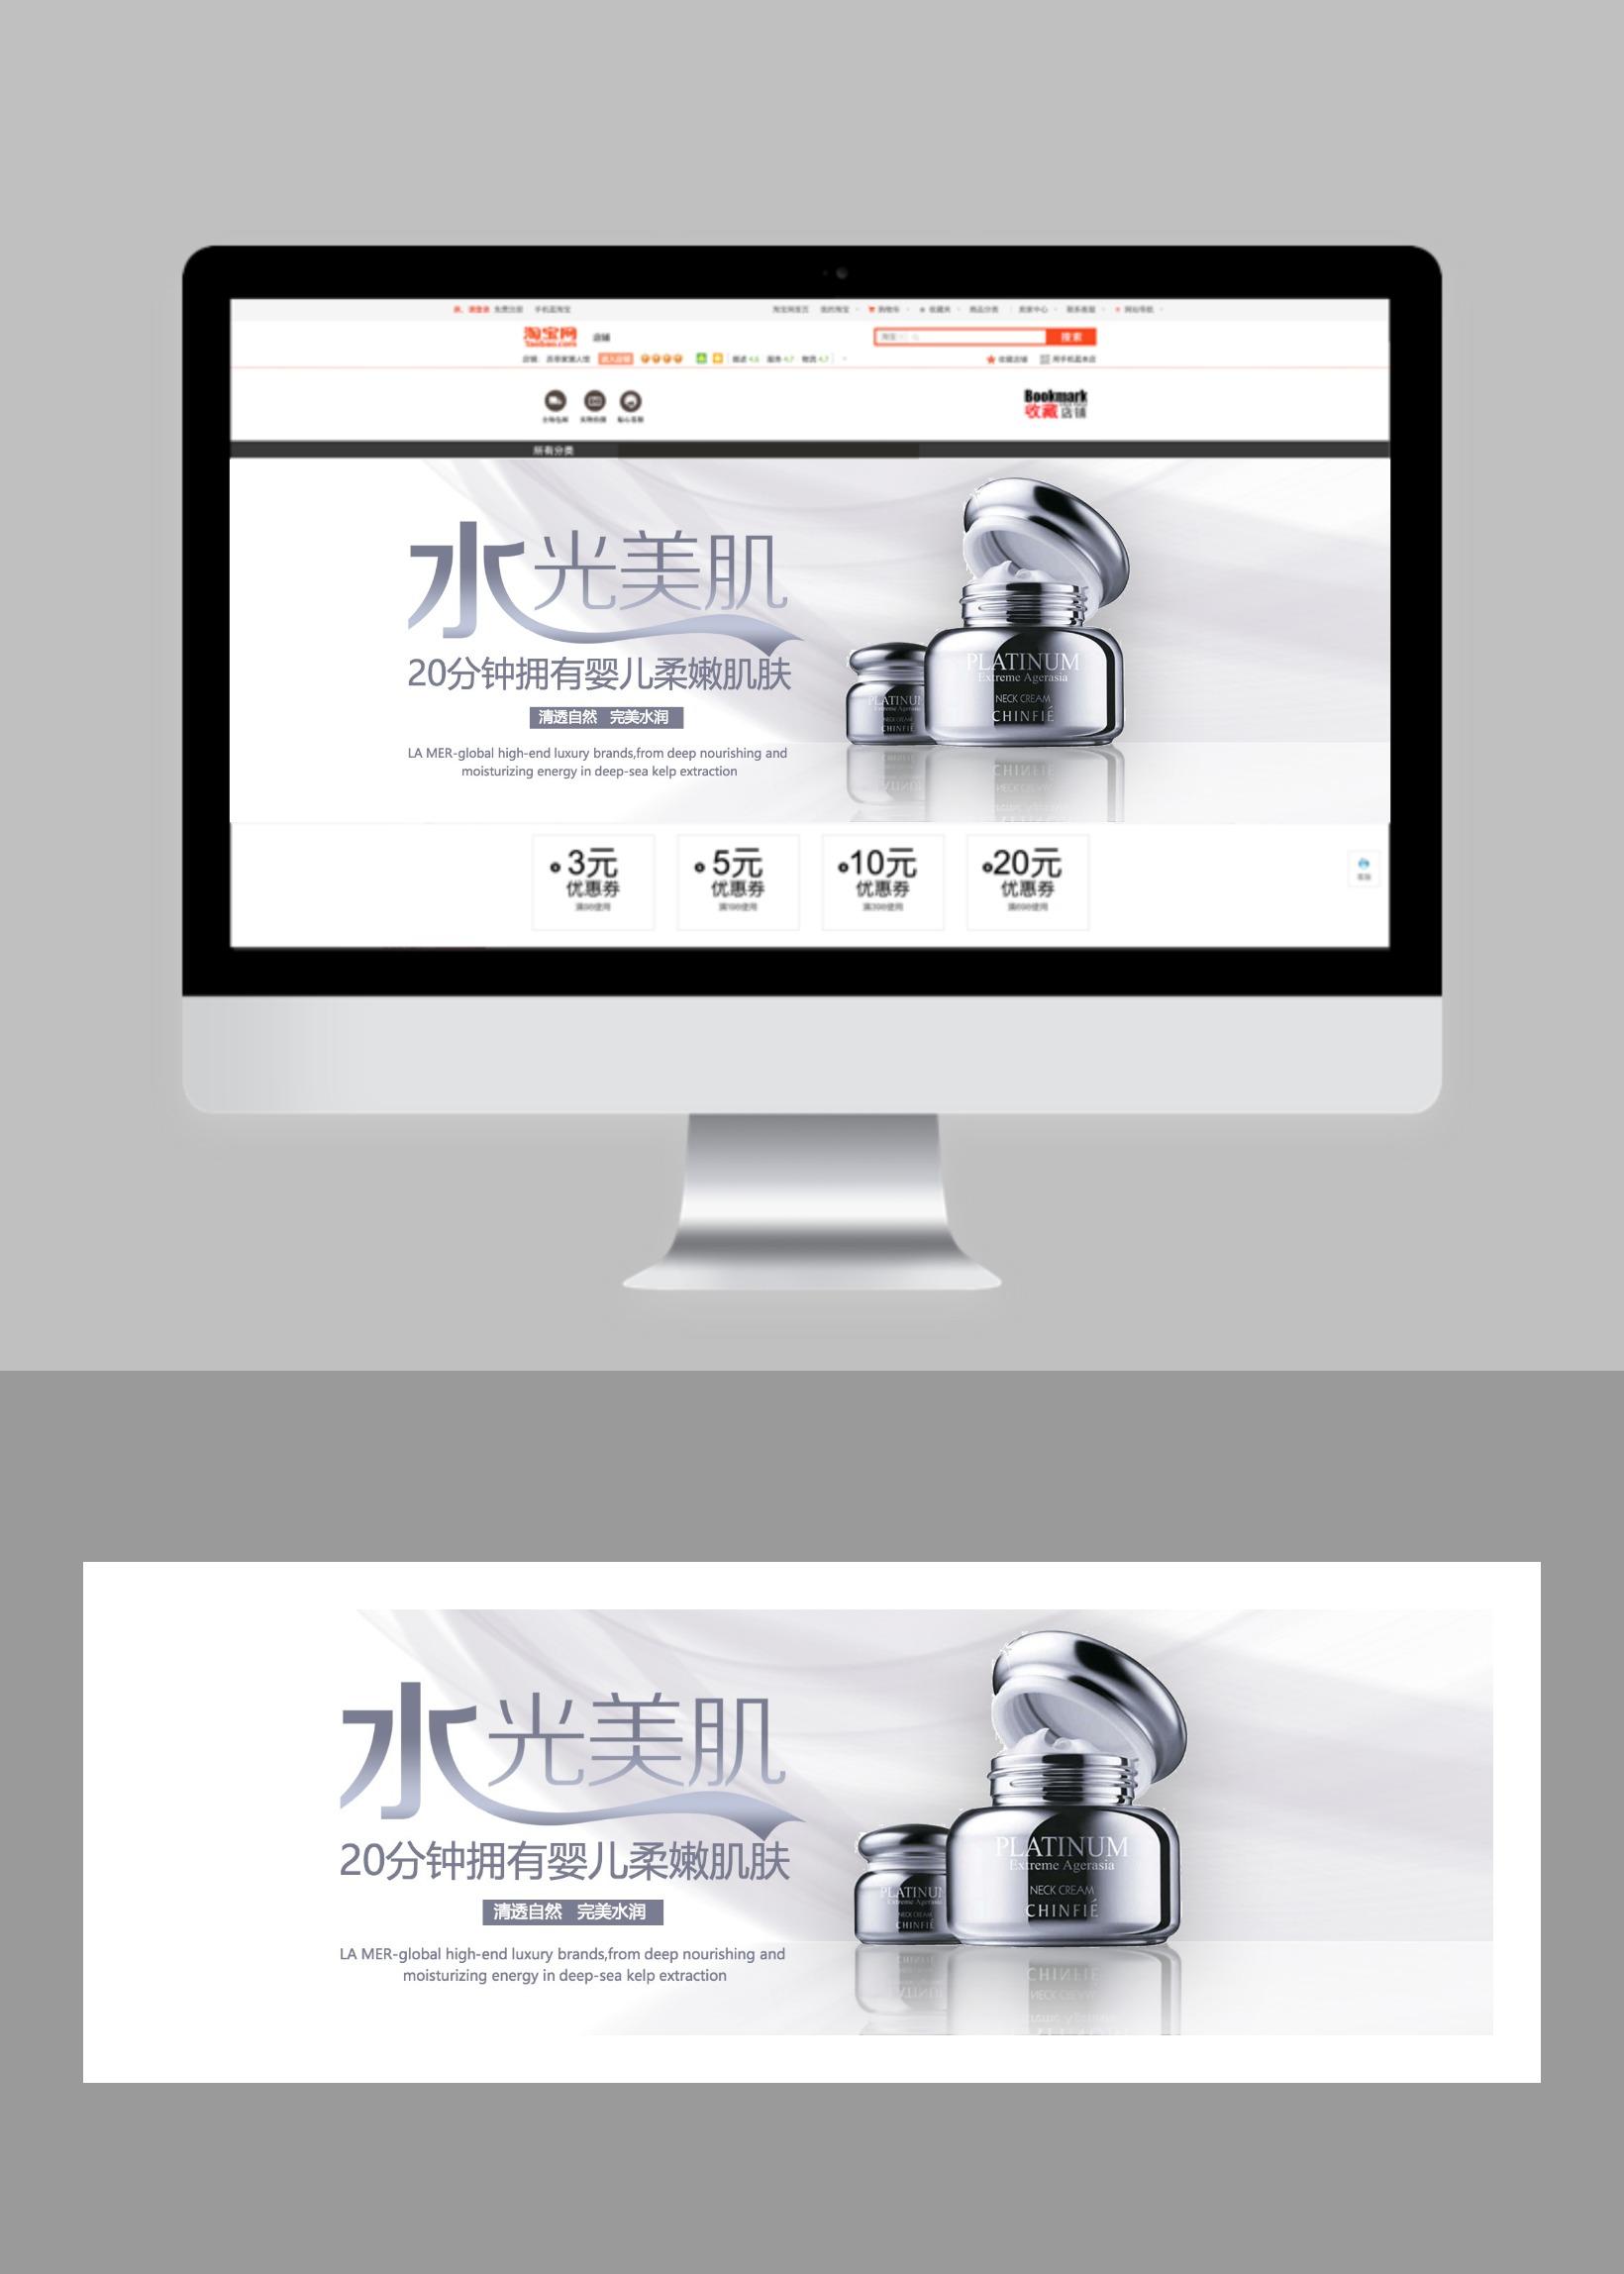 灰色系护肤品化妆品电商店铺banner